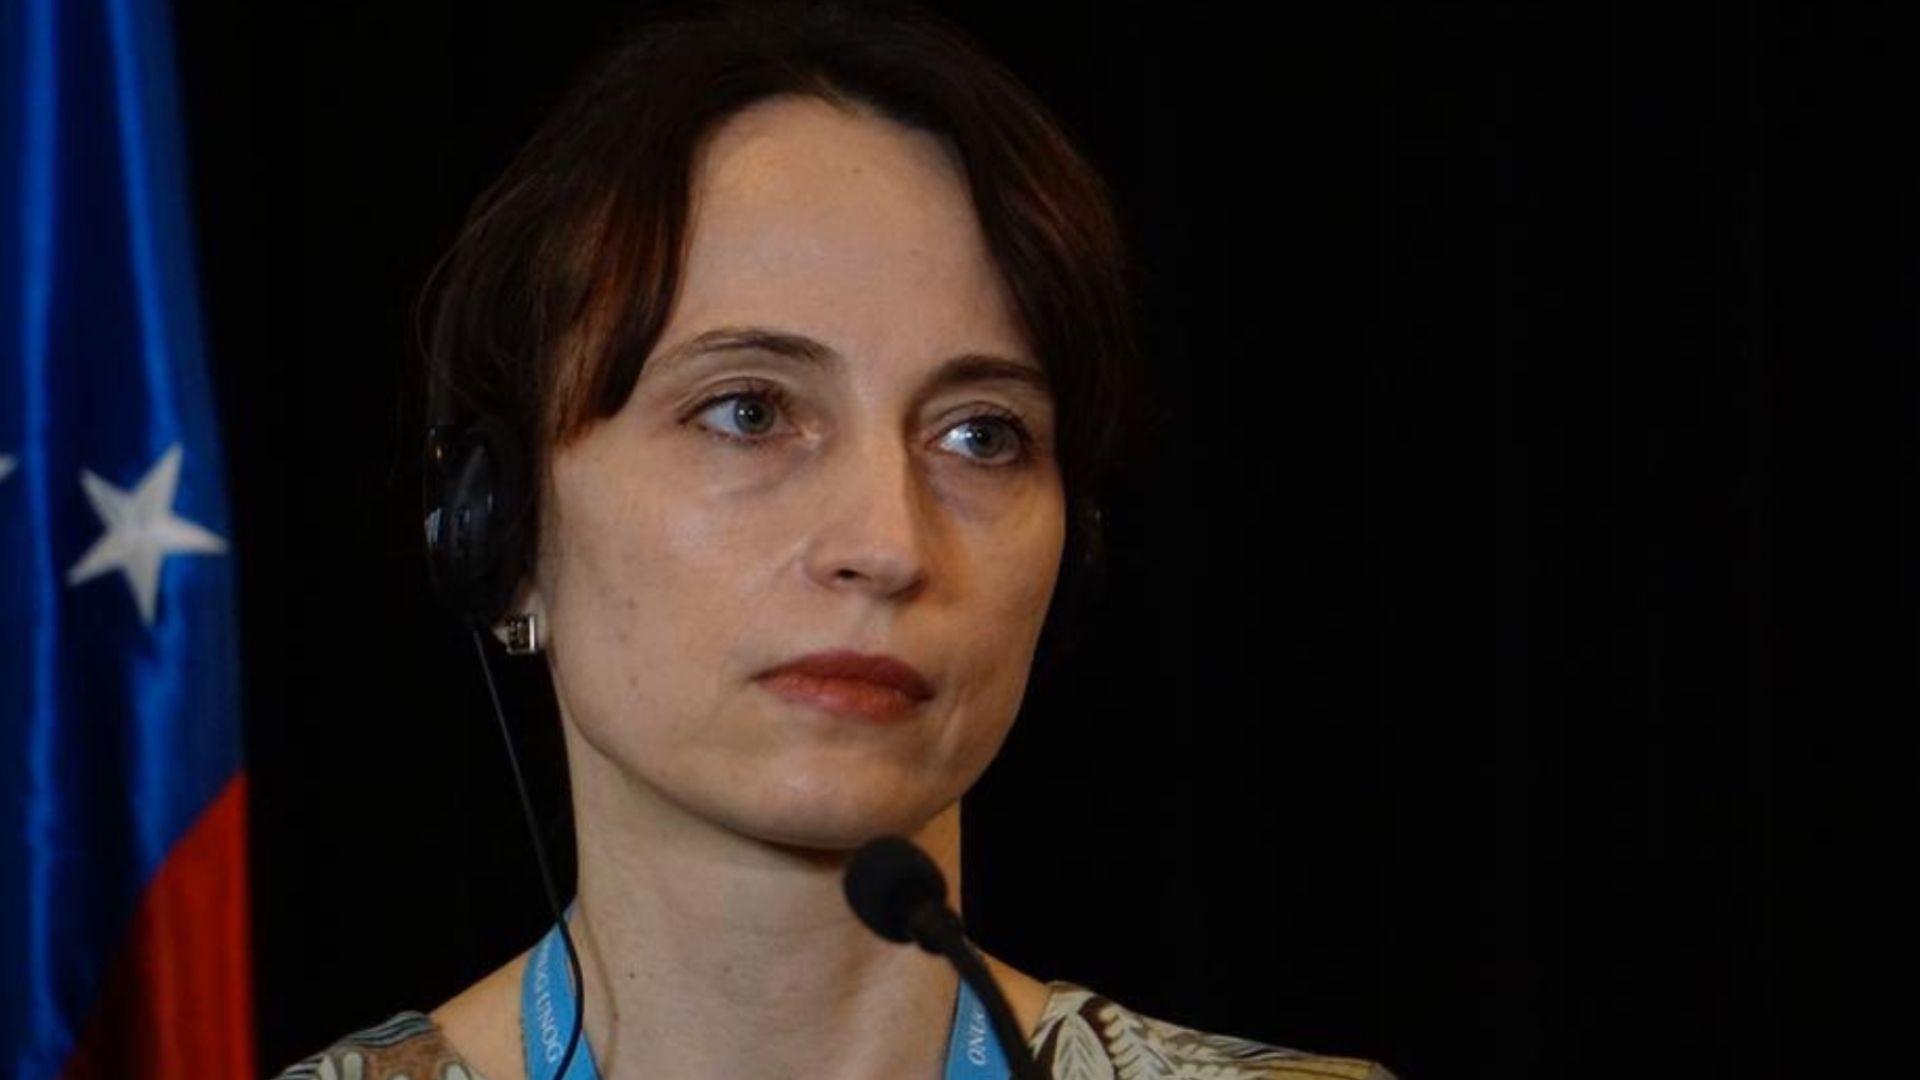 Relatora de la ONU: Las sanciones han exacerbado las calamidades existentes